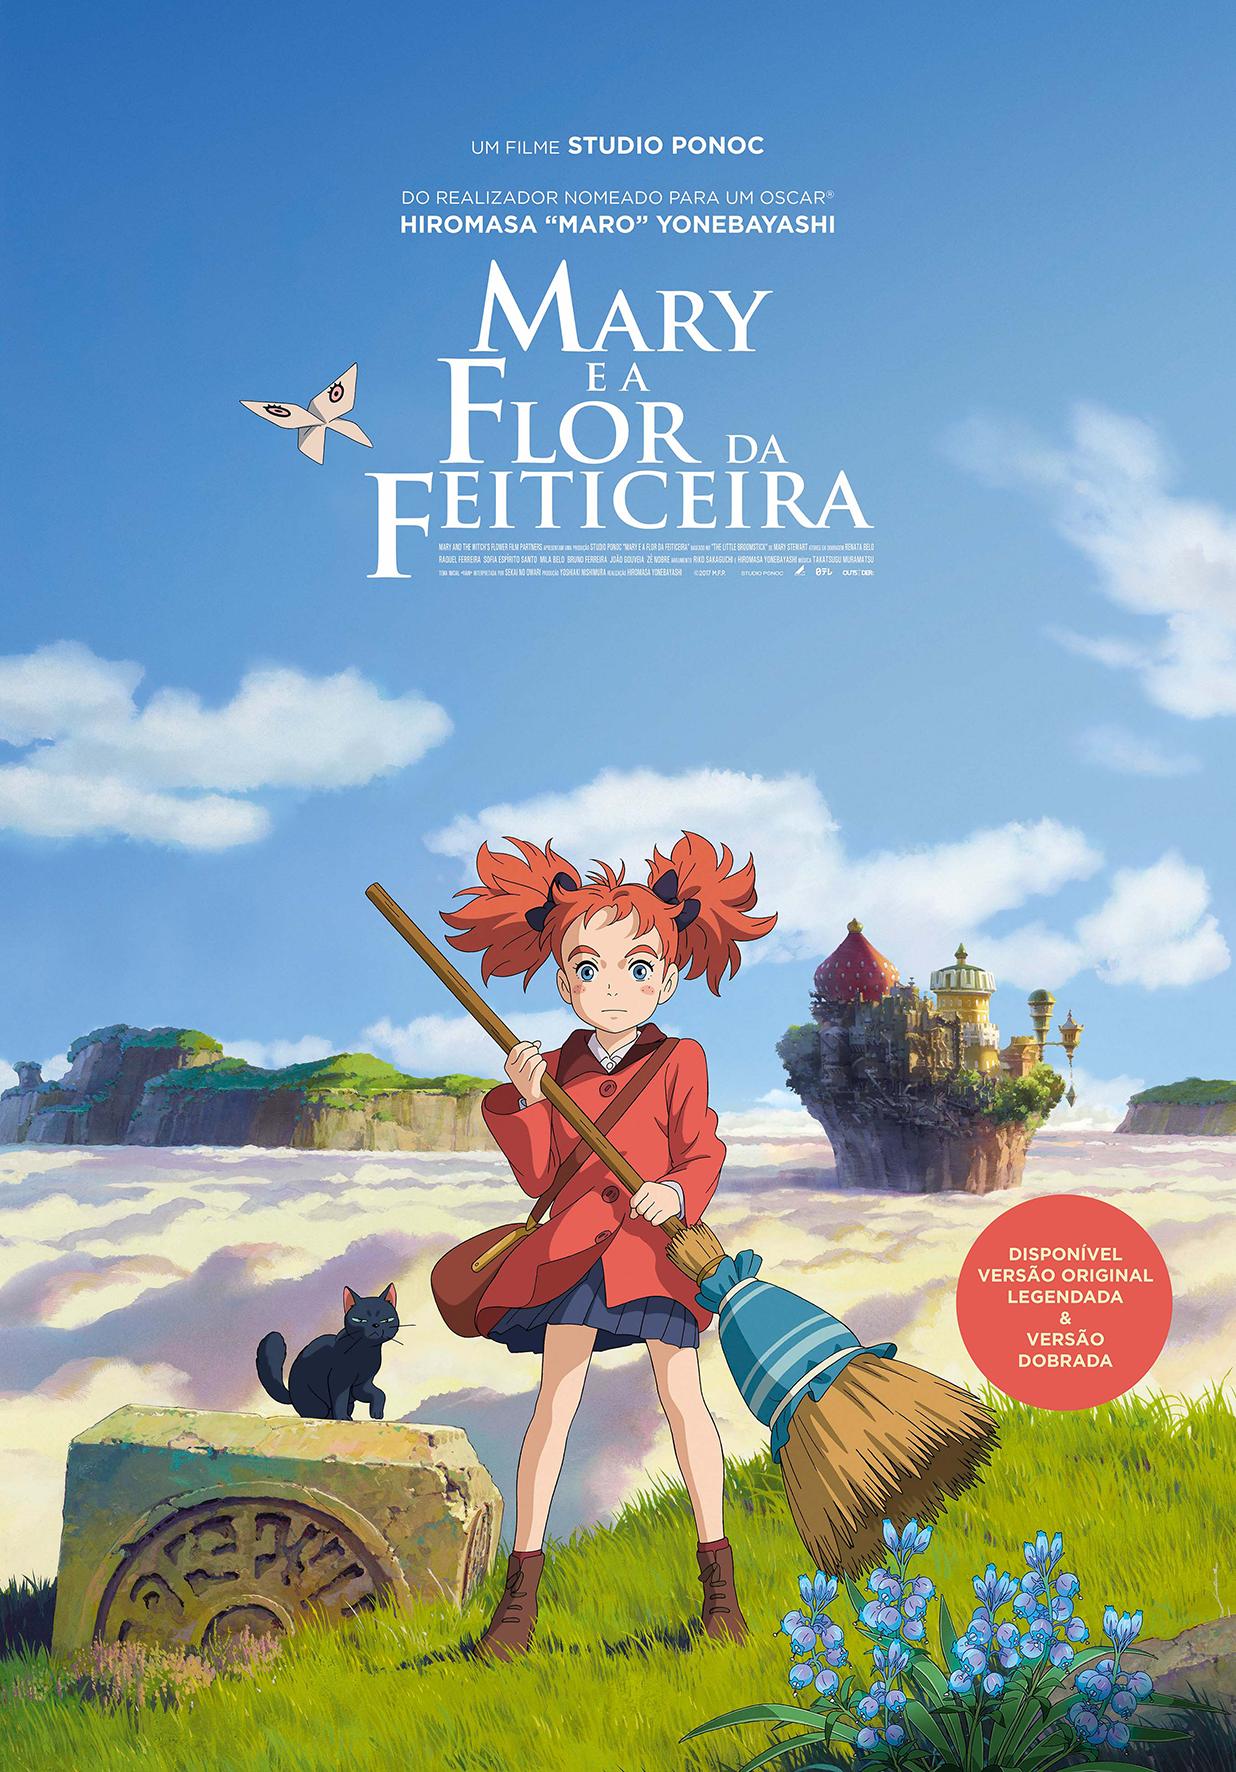 Mary e a Flor da Feiticeira (PT-PT) (2017)